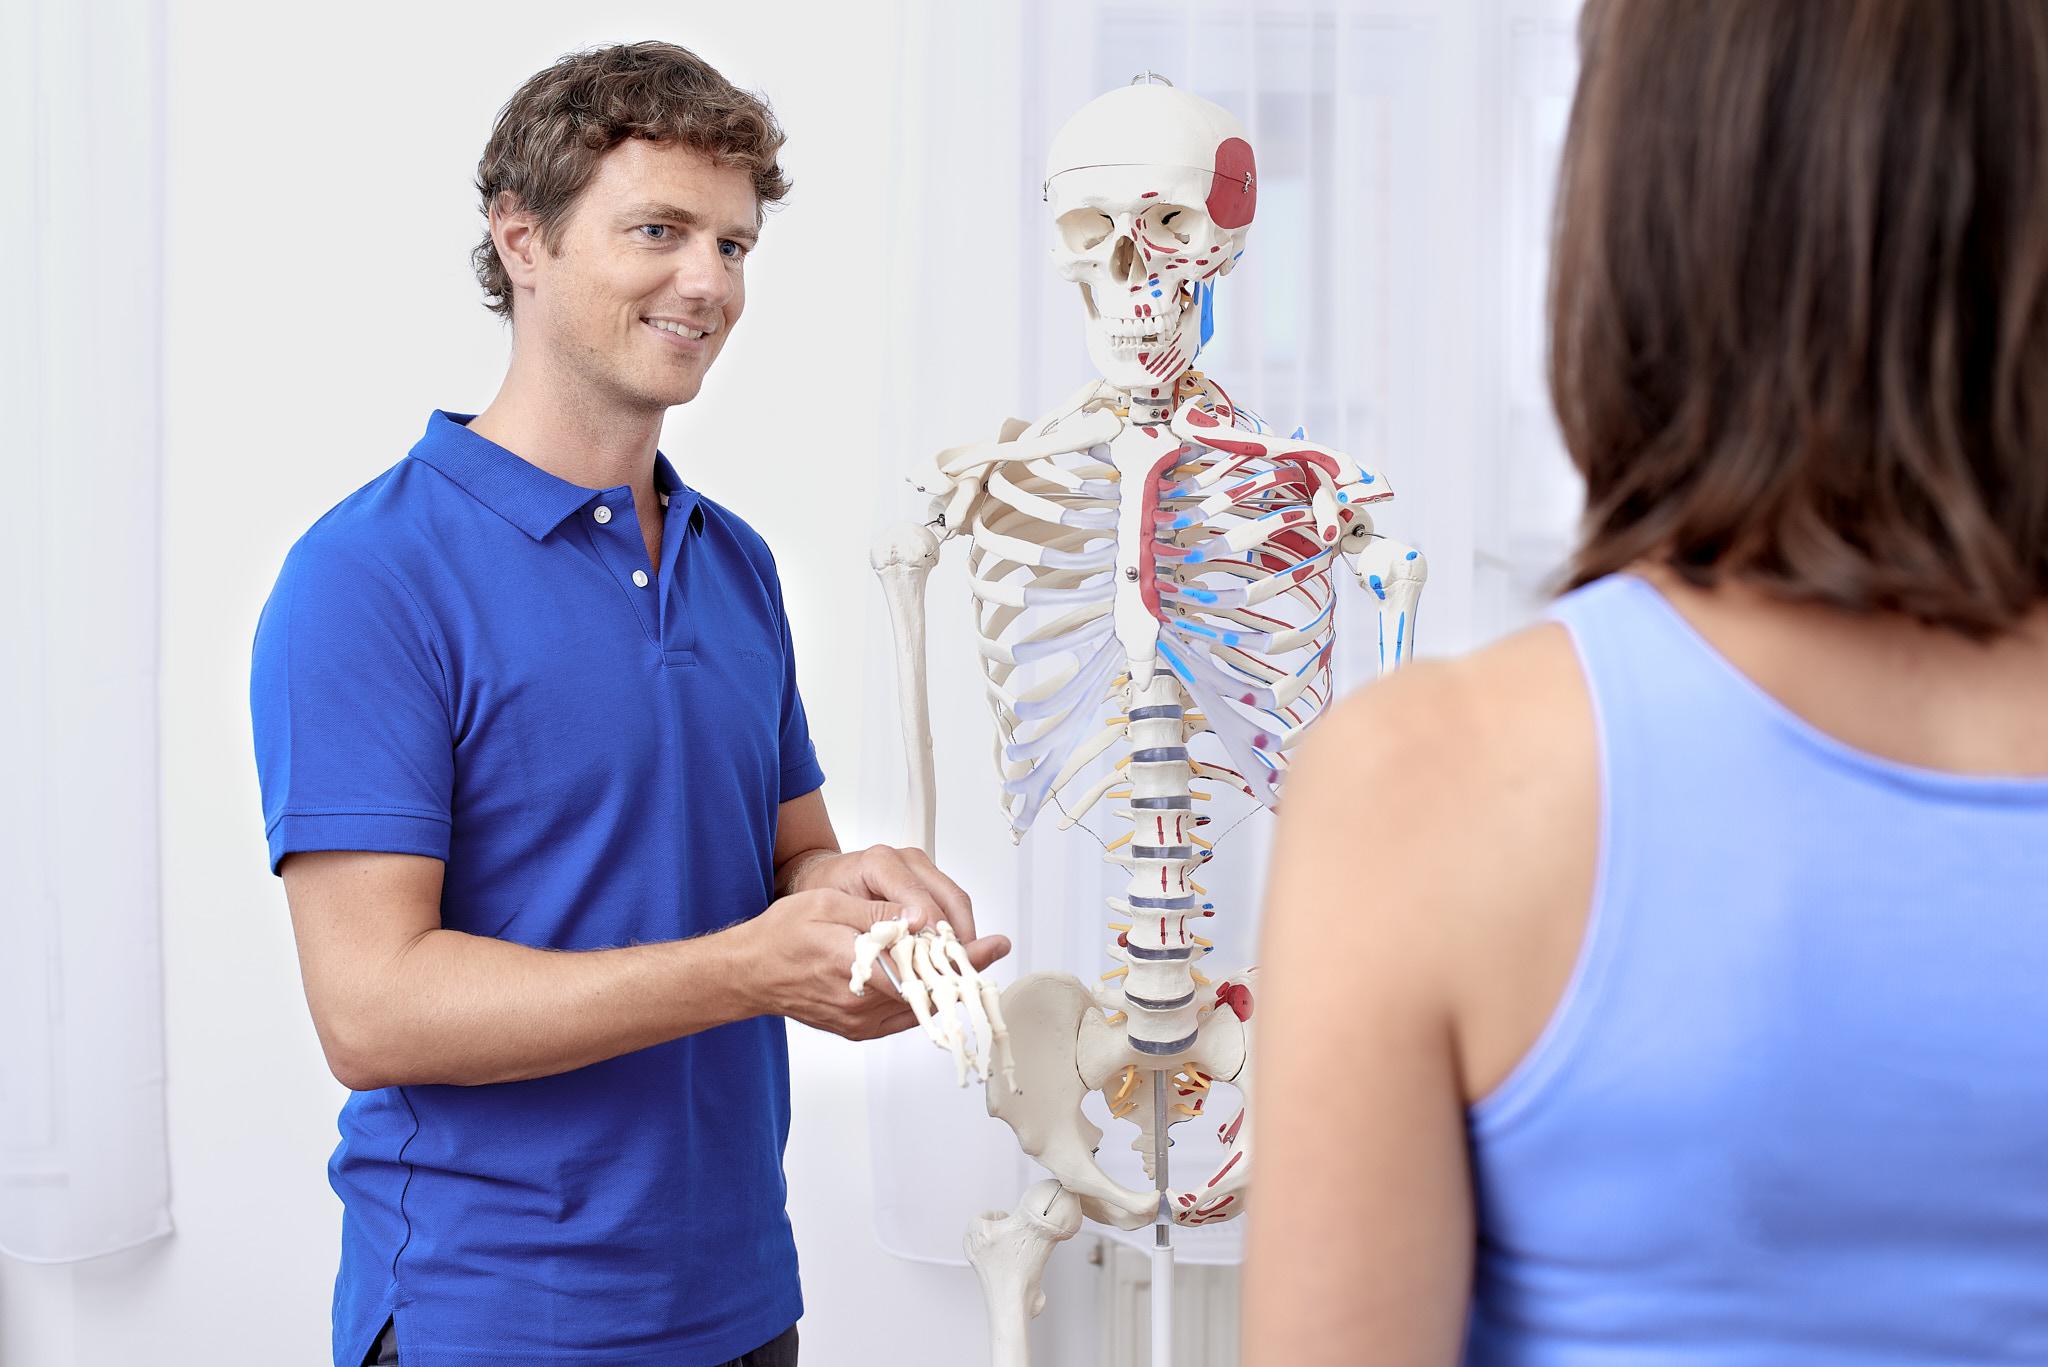 Patienteninformation Physiotherapie Connert Innsbruck